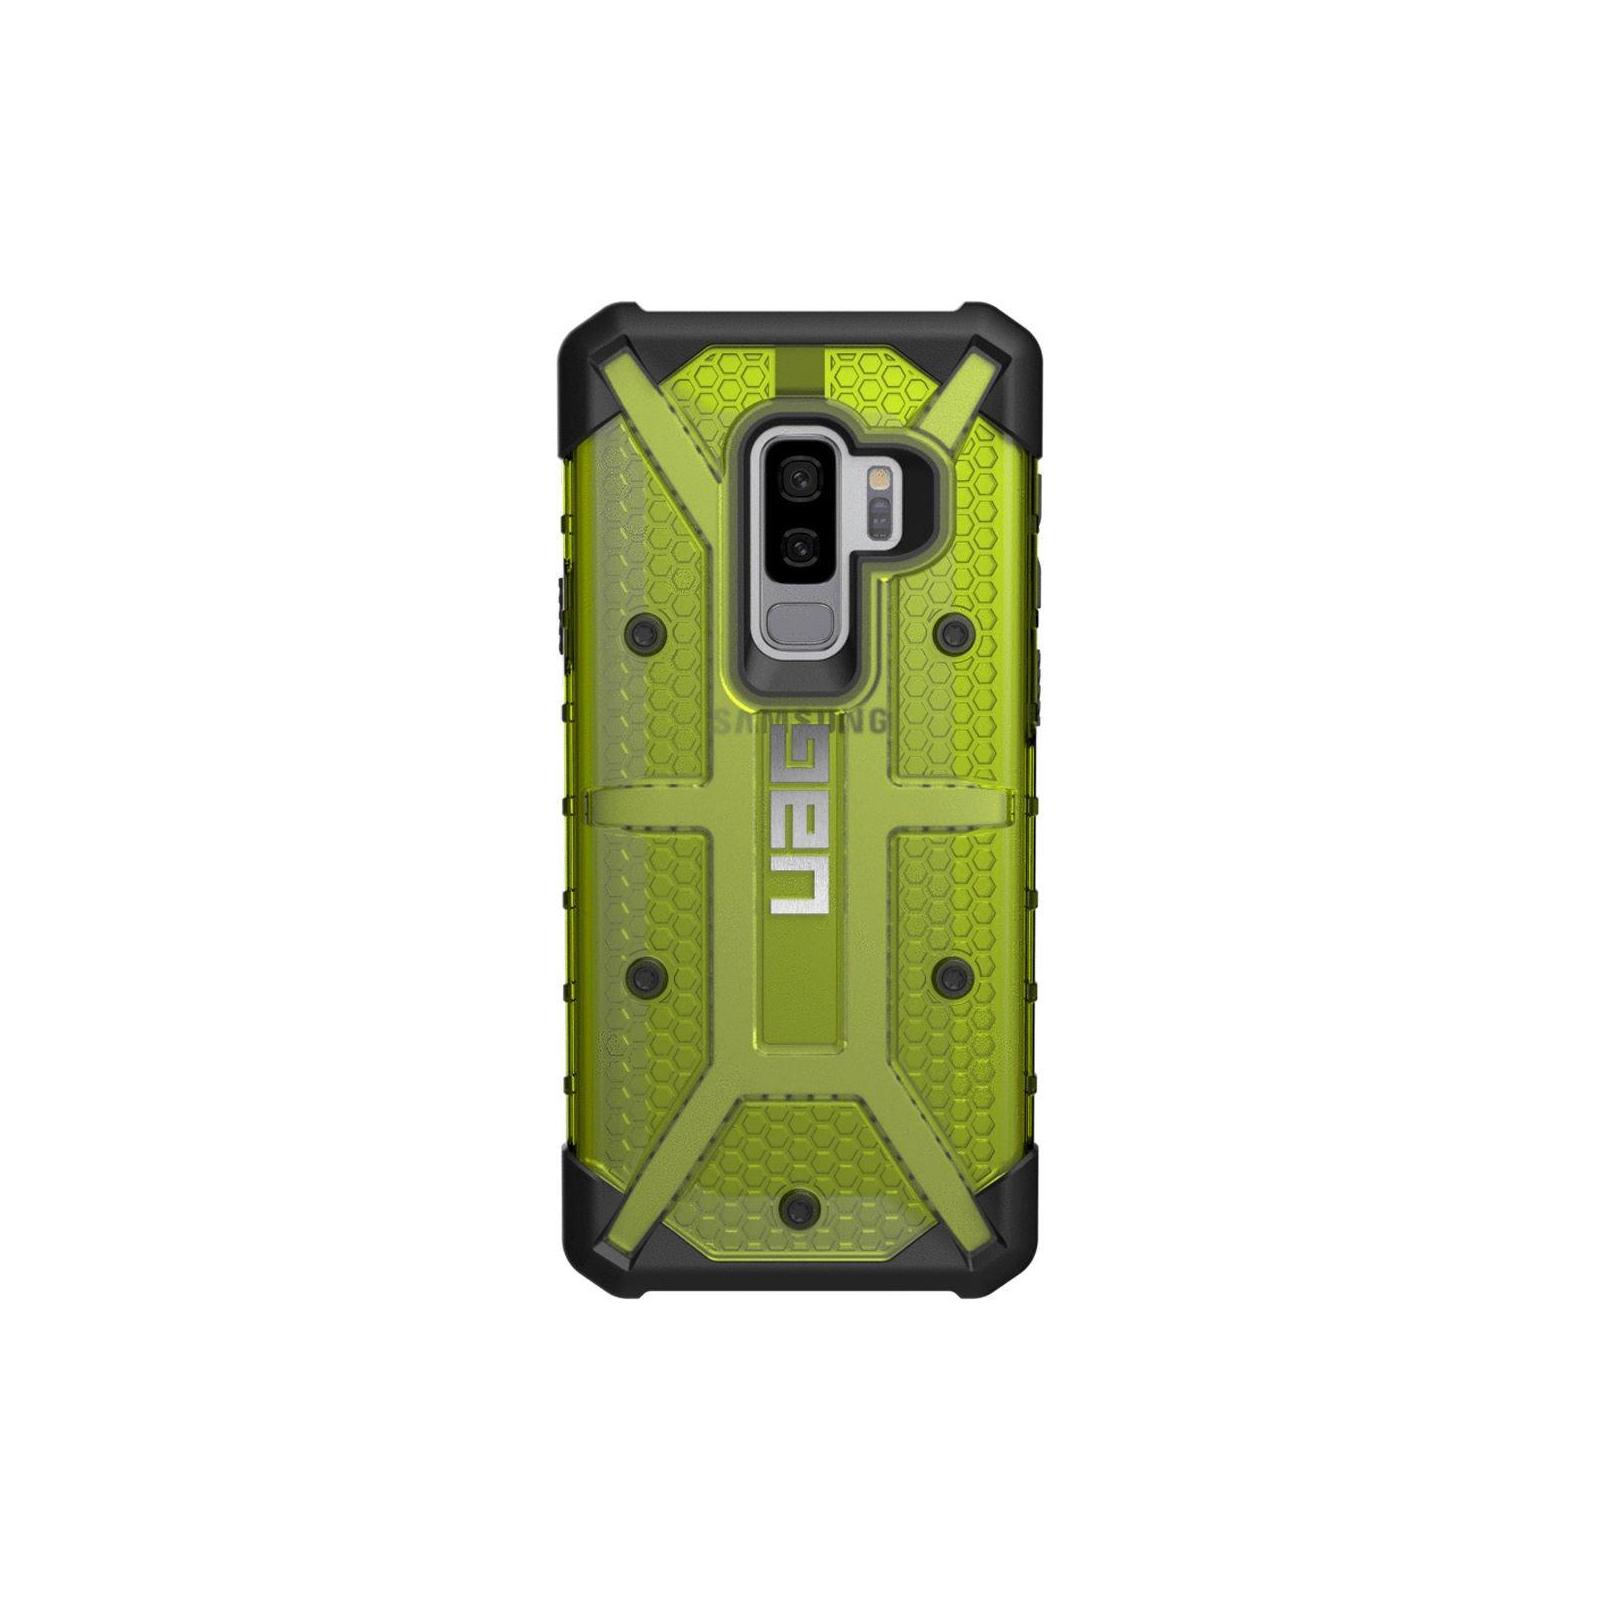 Чехол для моб. телефона Urban Armor Gear Galaxy S9+ Plasma Citron (GLXS9PLS-L-CT)